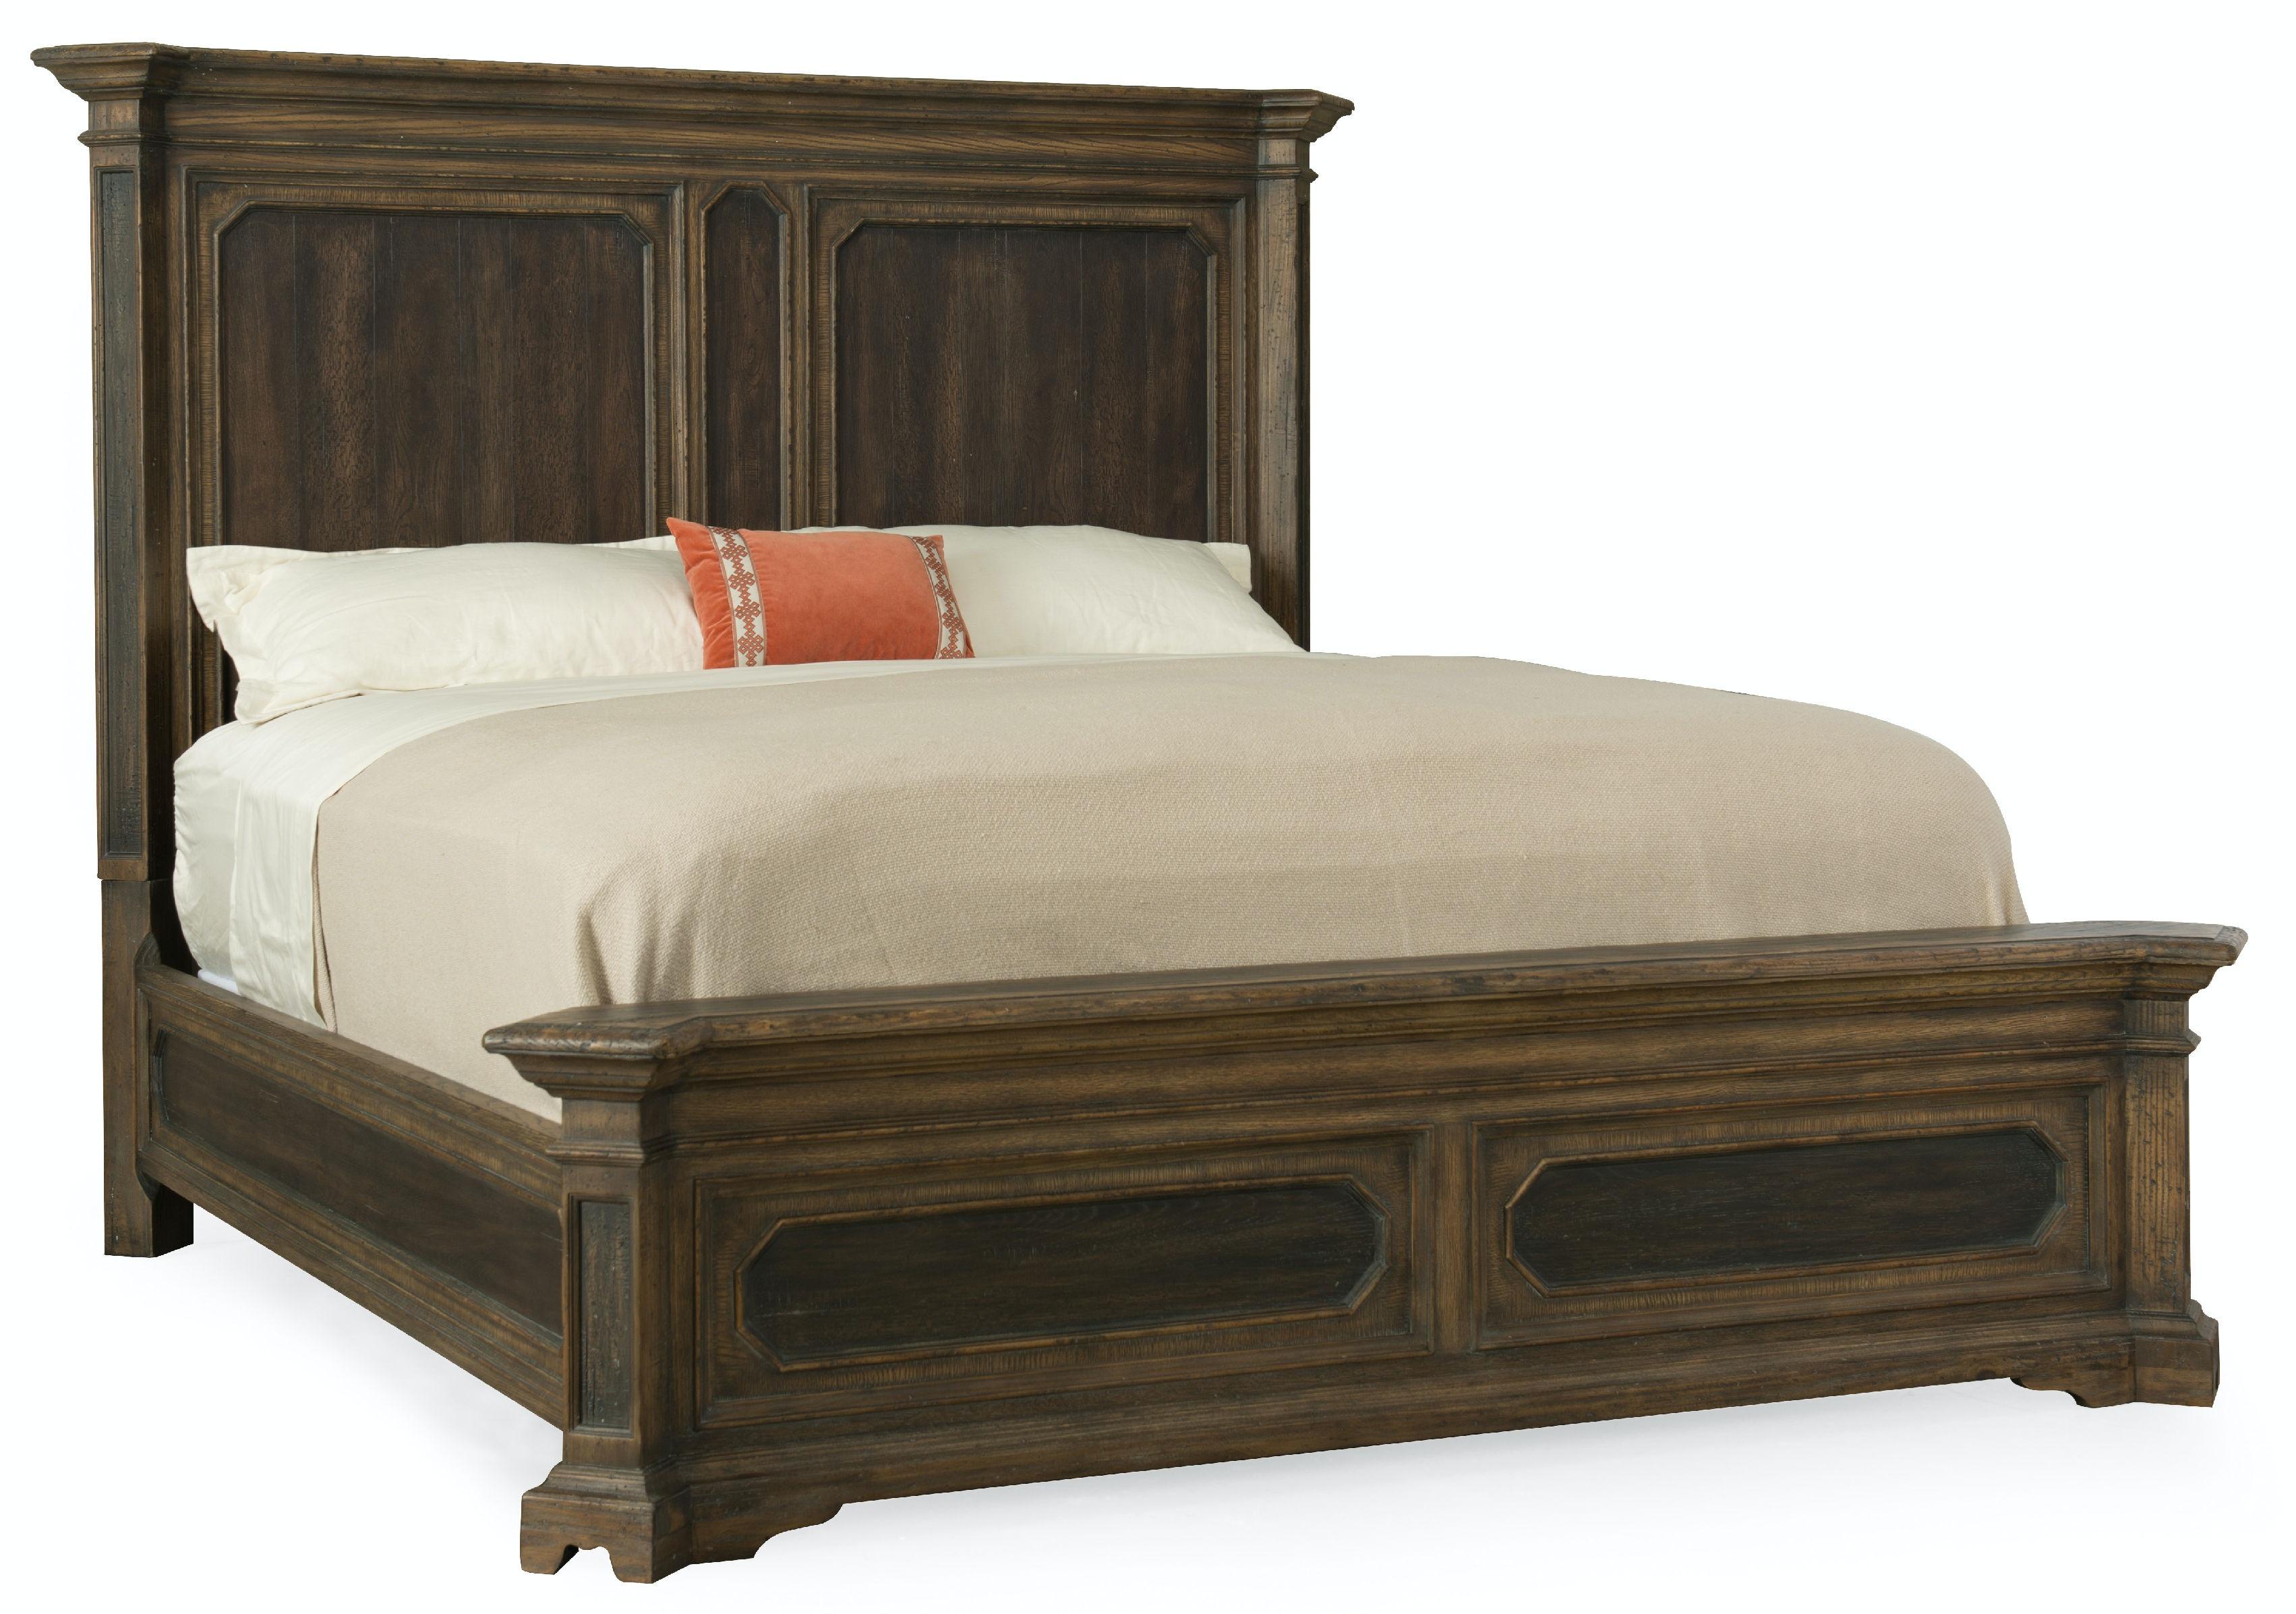 Hooker Furniture Bedroom Woodcreek King Mansion Bed -